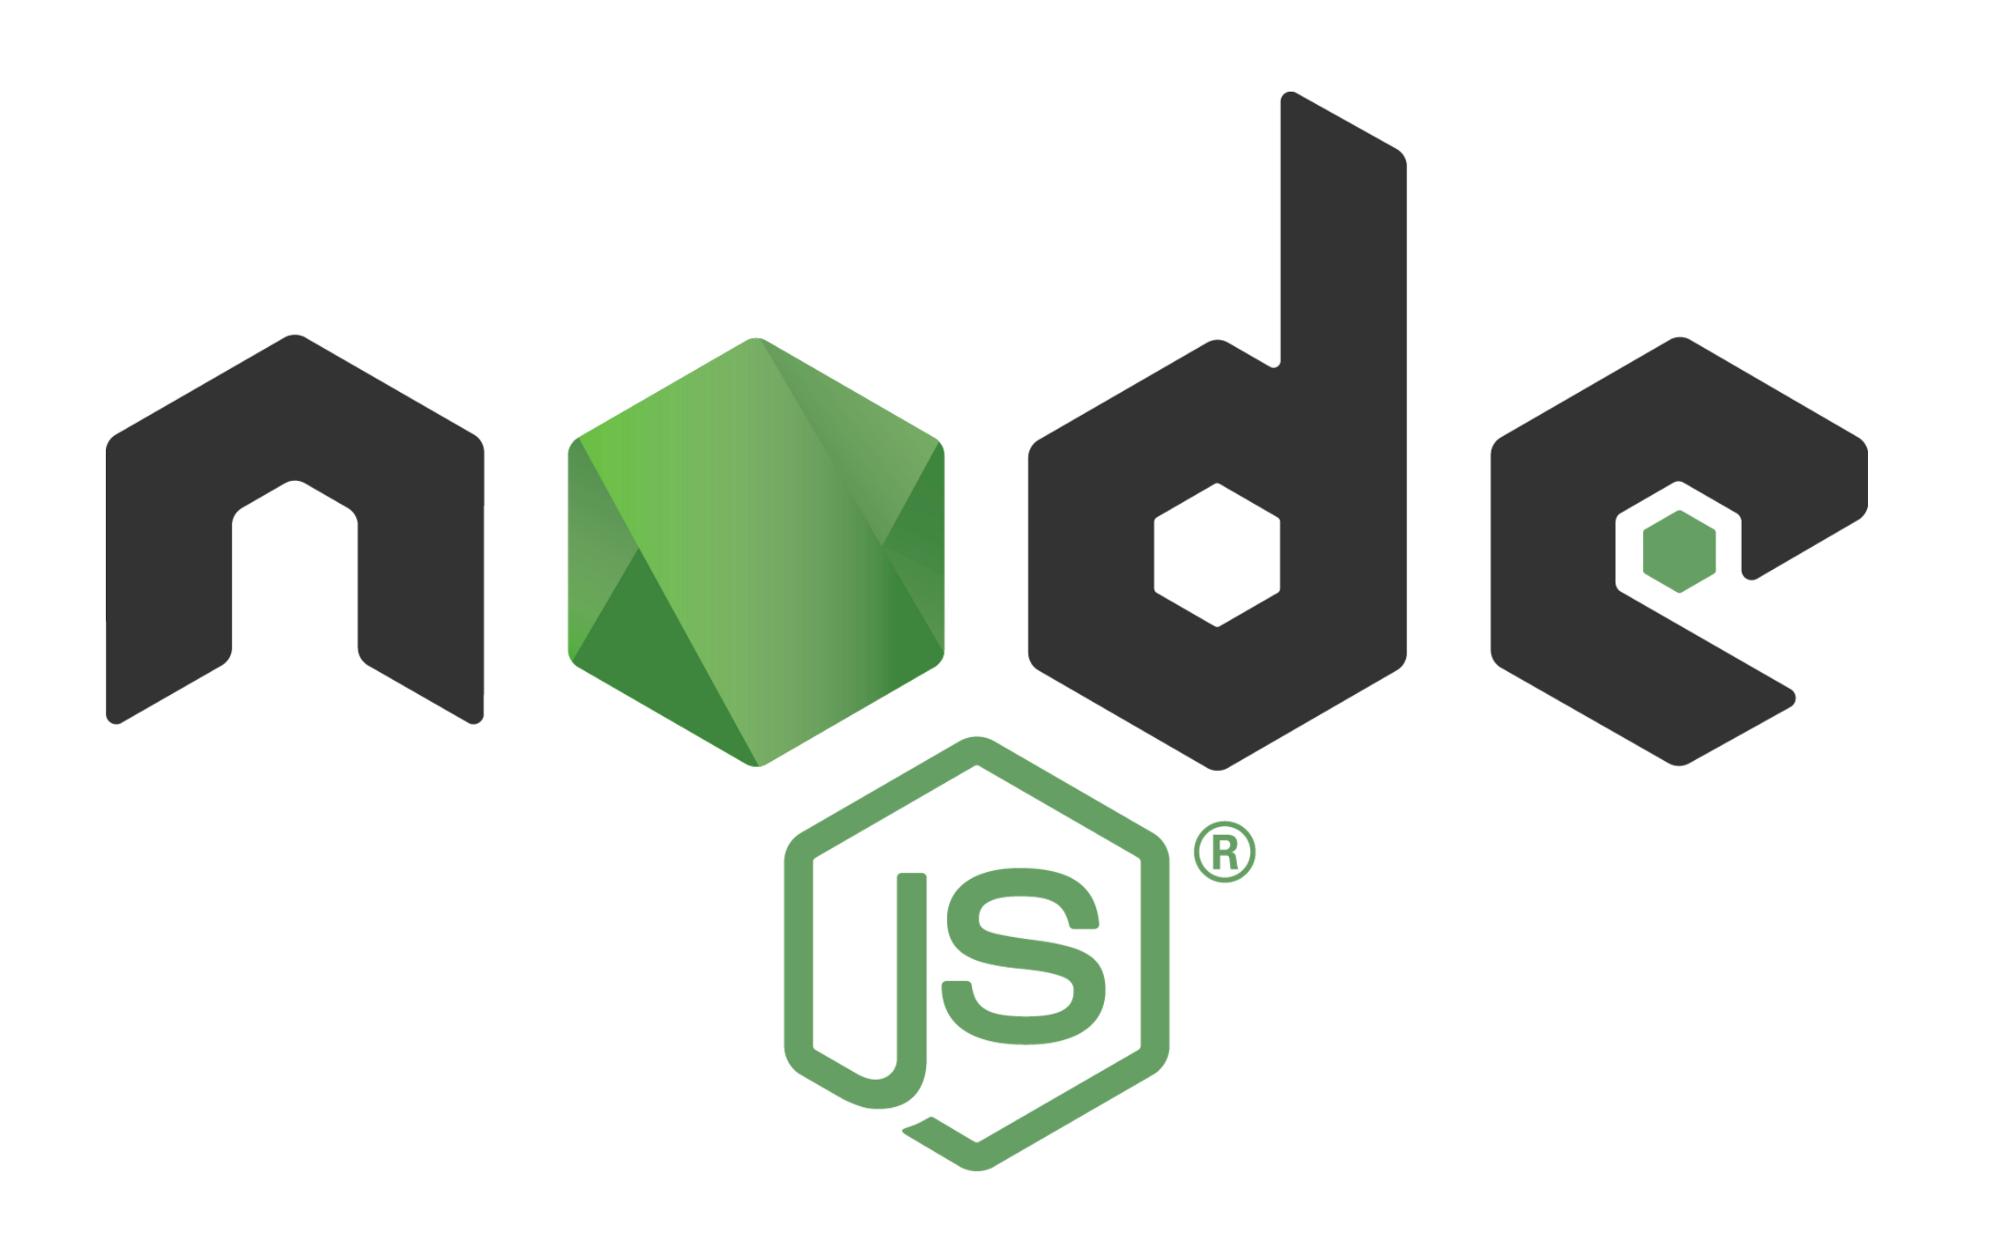 واقعا «Node.js» رو یاد داریم؟ - مقدمه